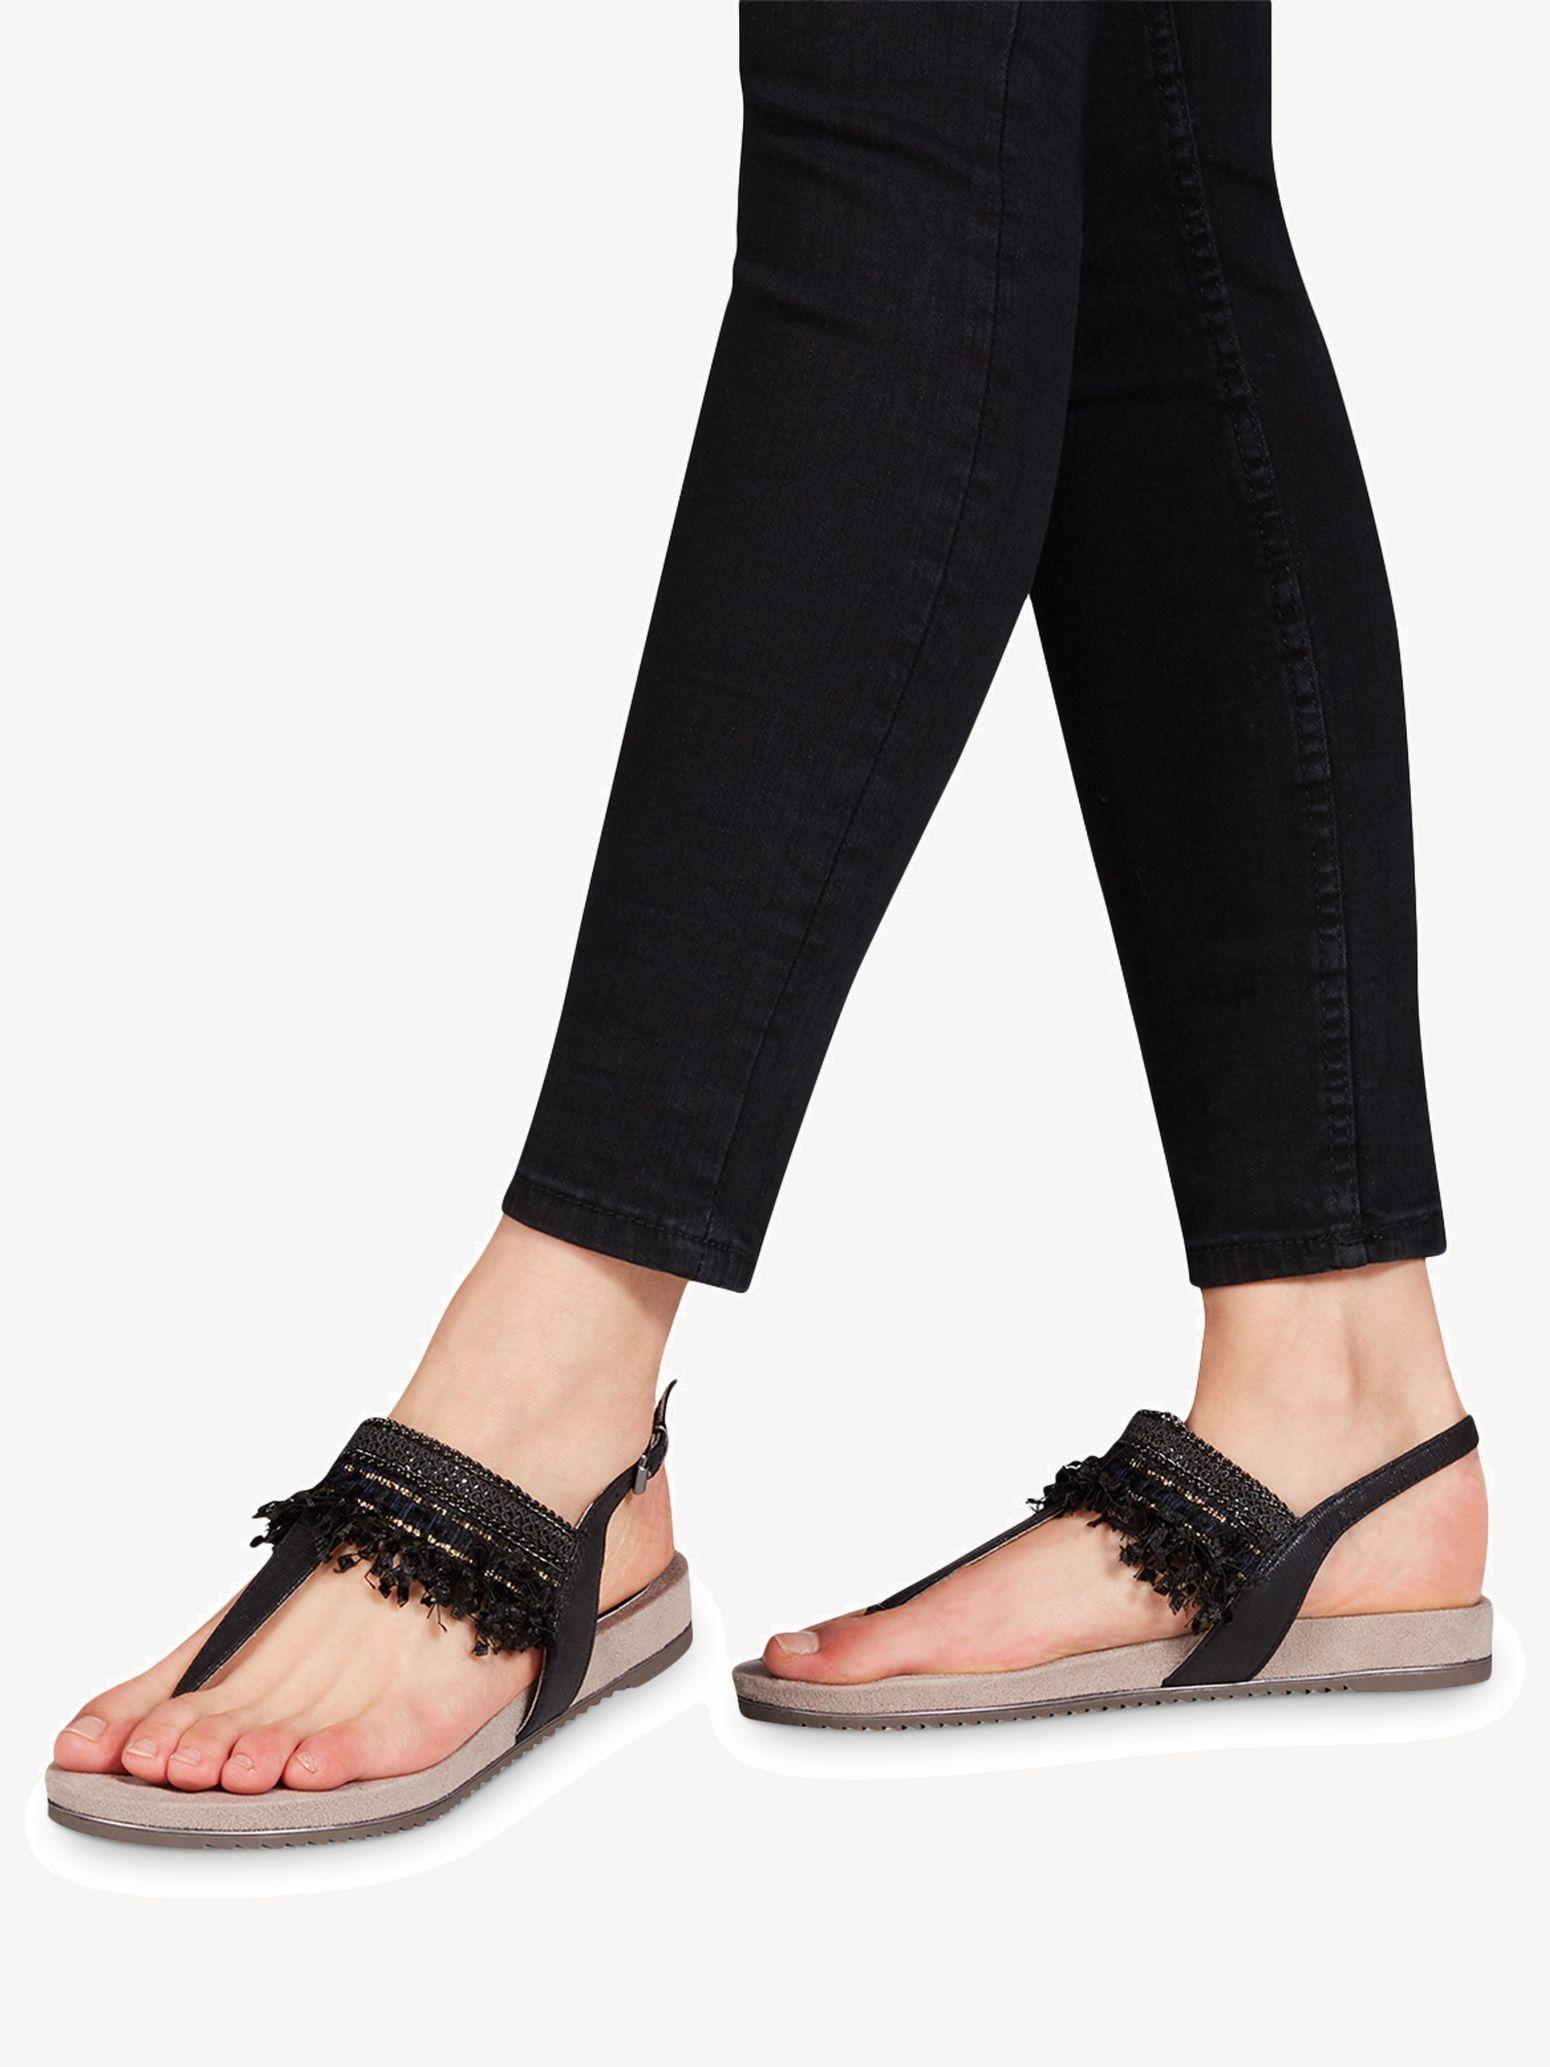 Tamaris 28105 noir | nu pieds sandale femme | ChaussGalerie